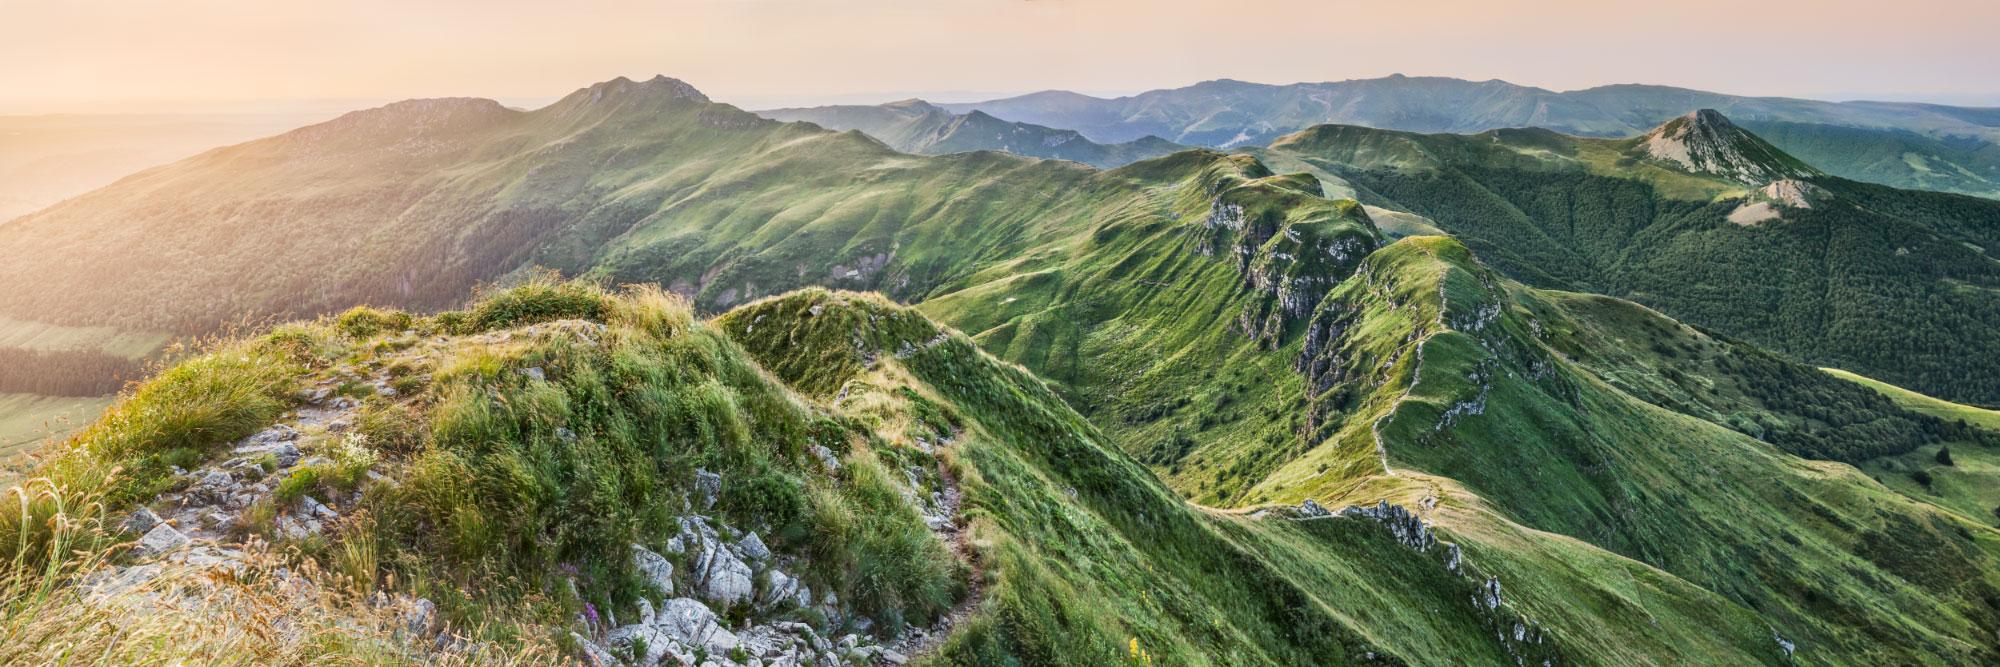 La Brèche de Roland sur la crète aérienne entre le Puy Mary et le Peyre-Arse